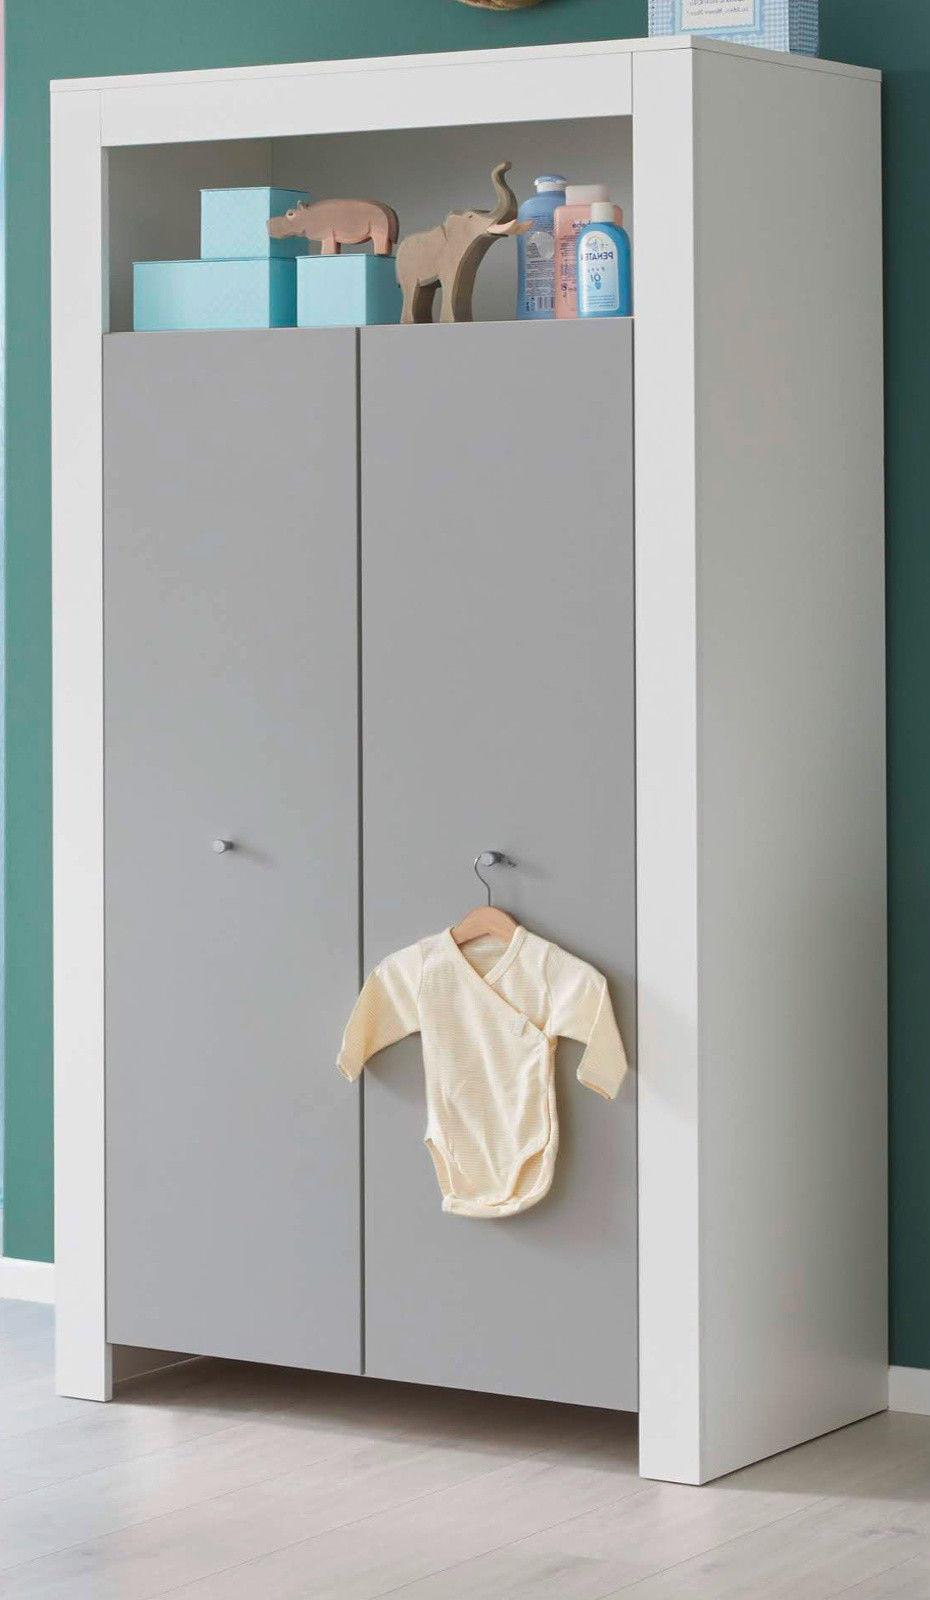 Kleiderschrank für Kinder von Aldi Süd billig online kaufen